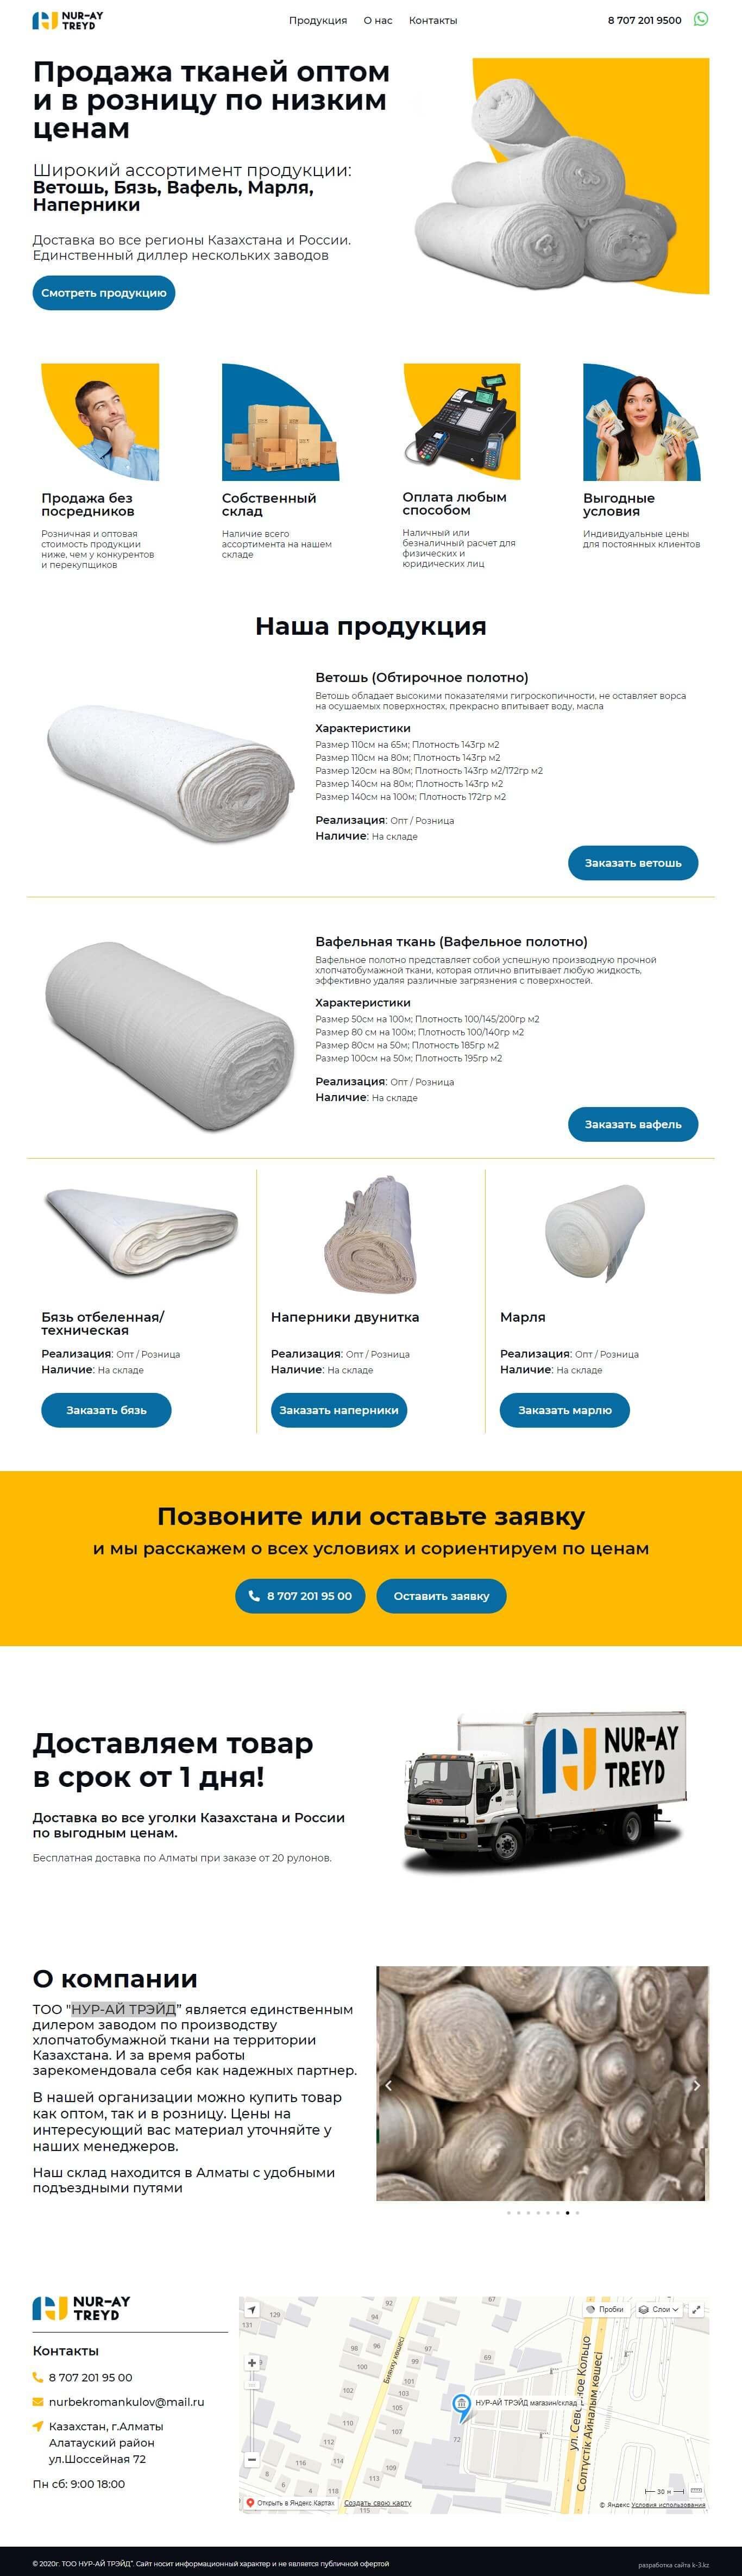 Landing page по продаже тканей оптом